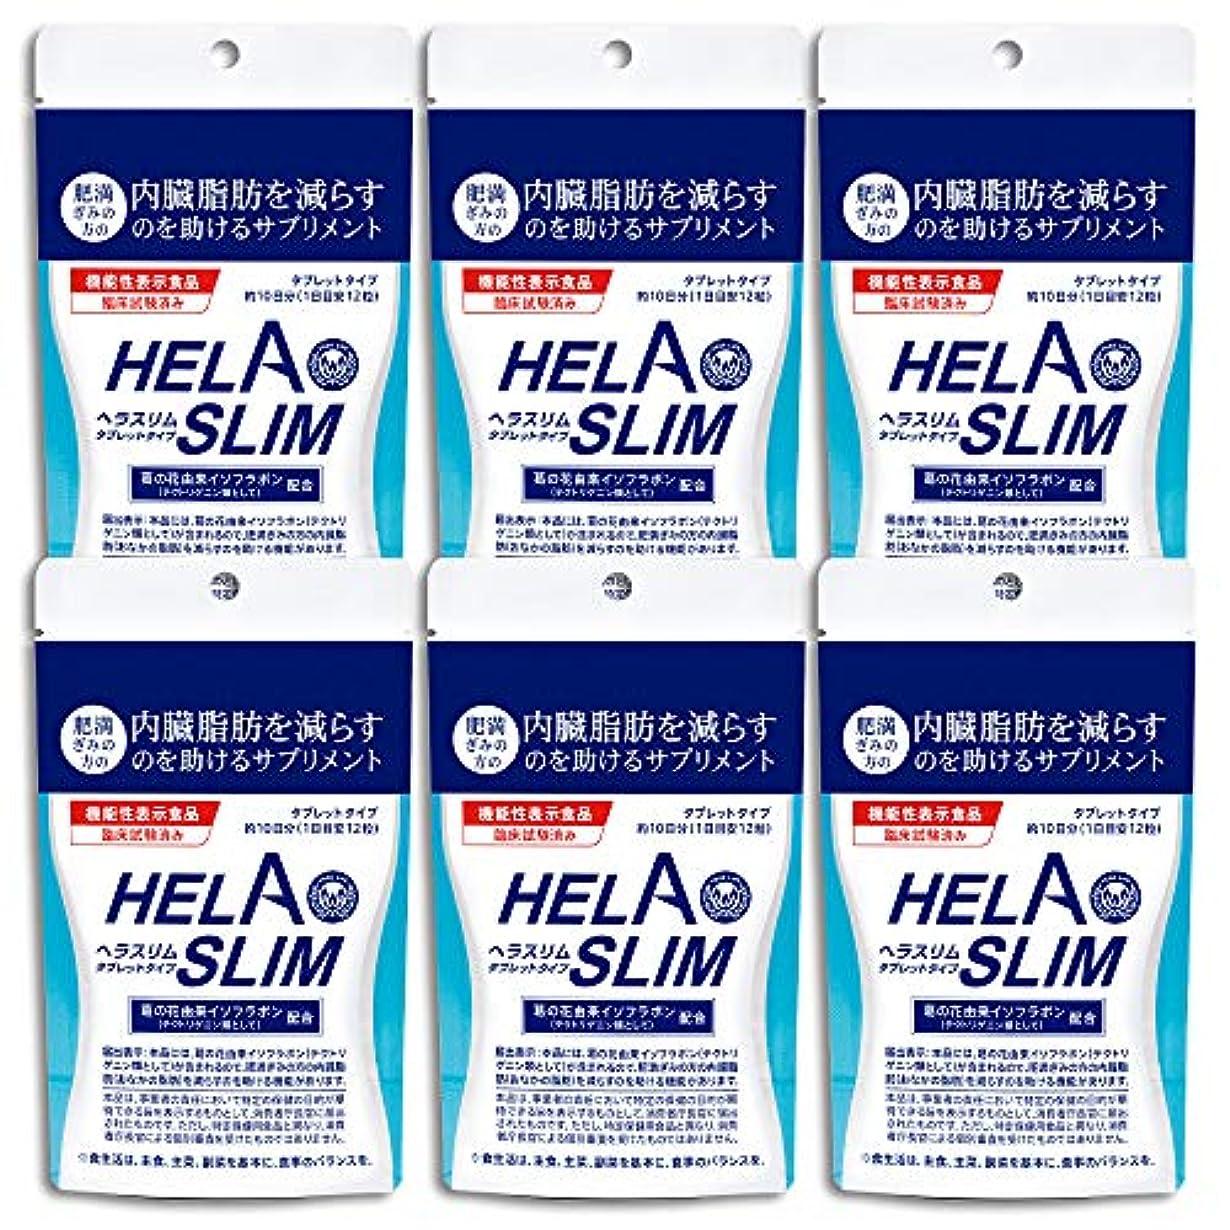 デジタルスカープフェデレーション【6袋セット】HELASLIM(120粒入り)アルミパック